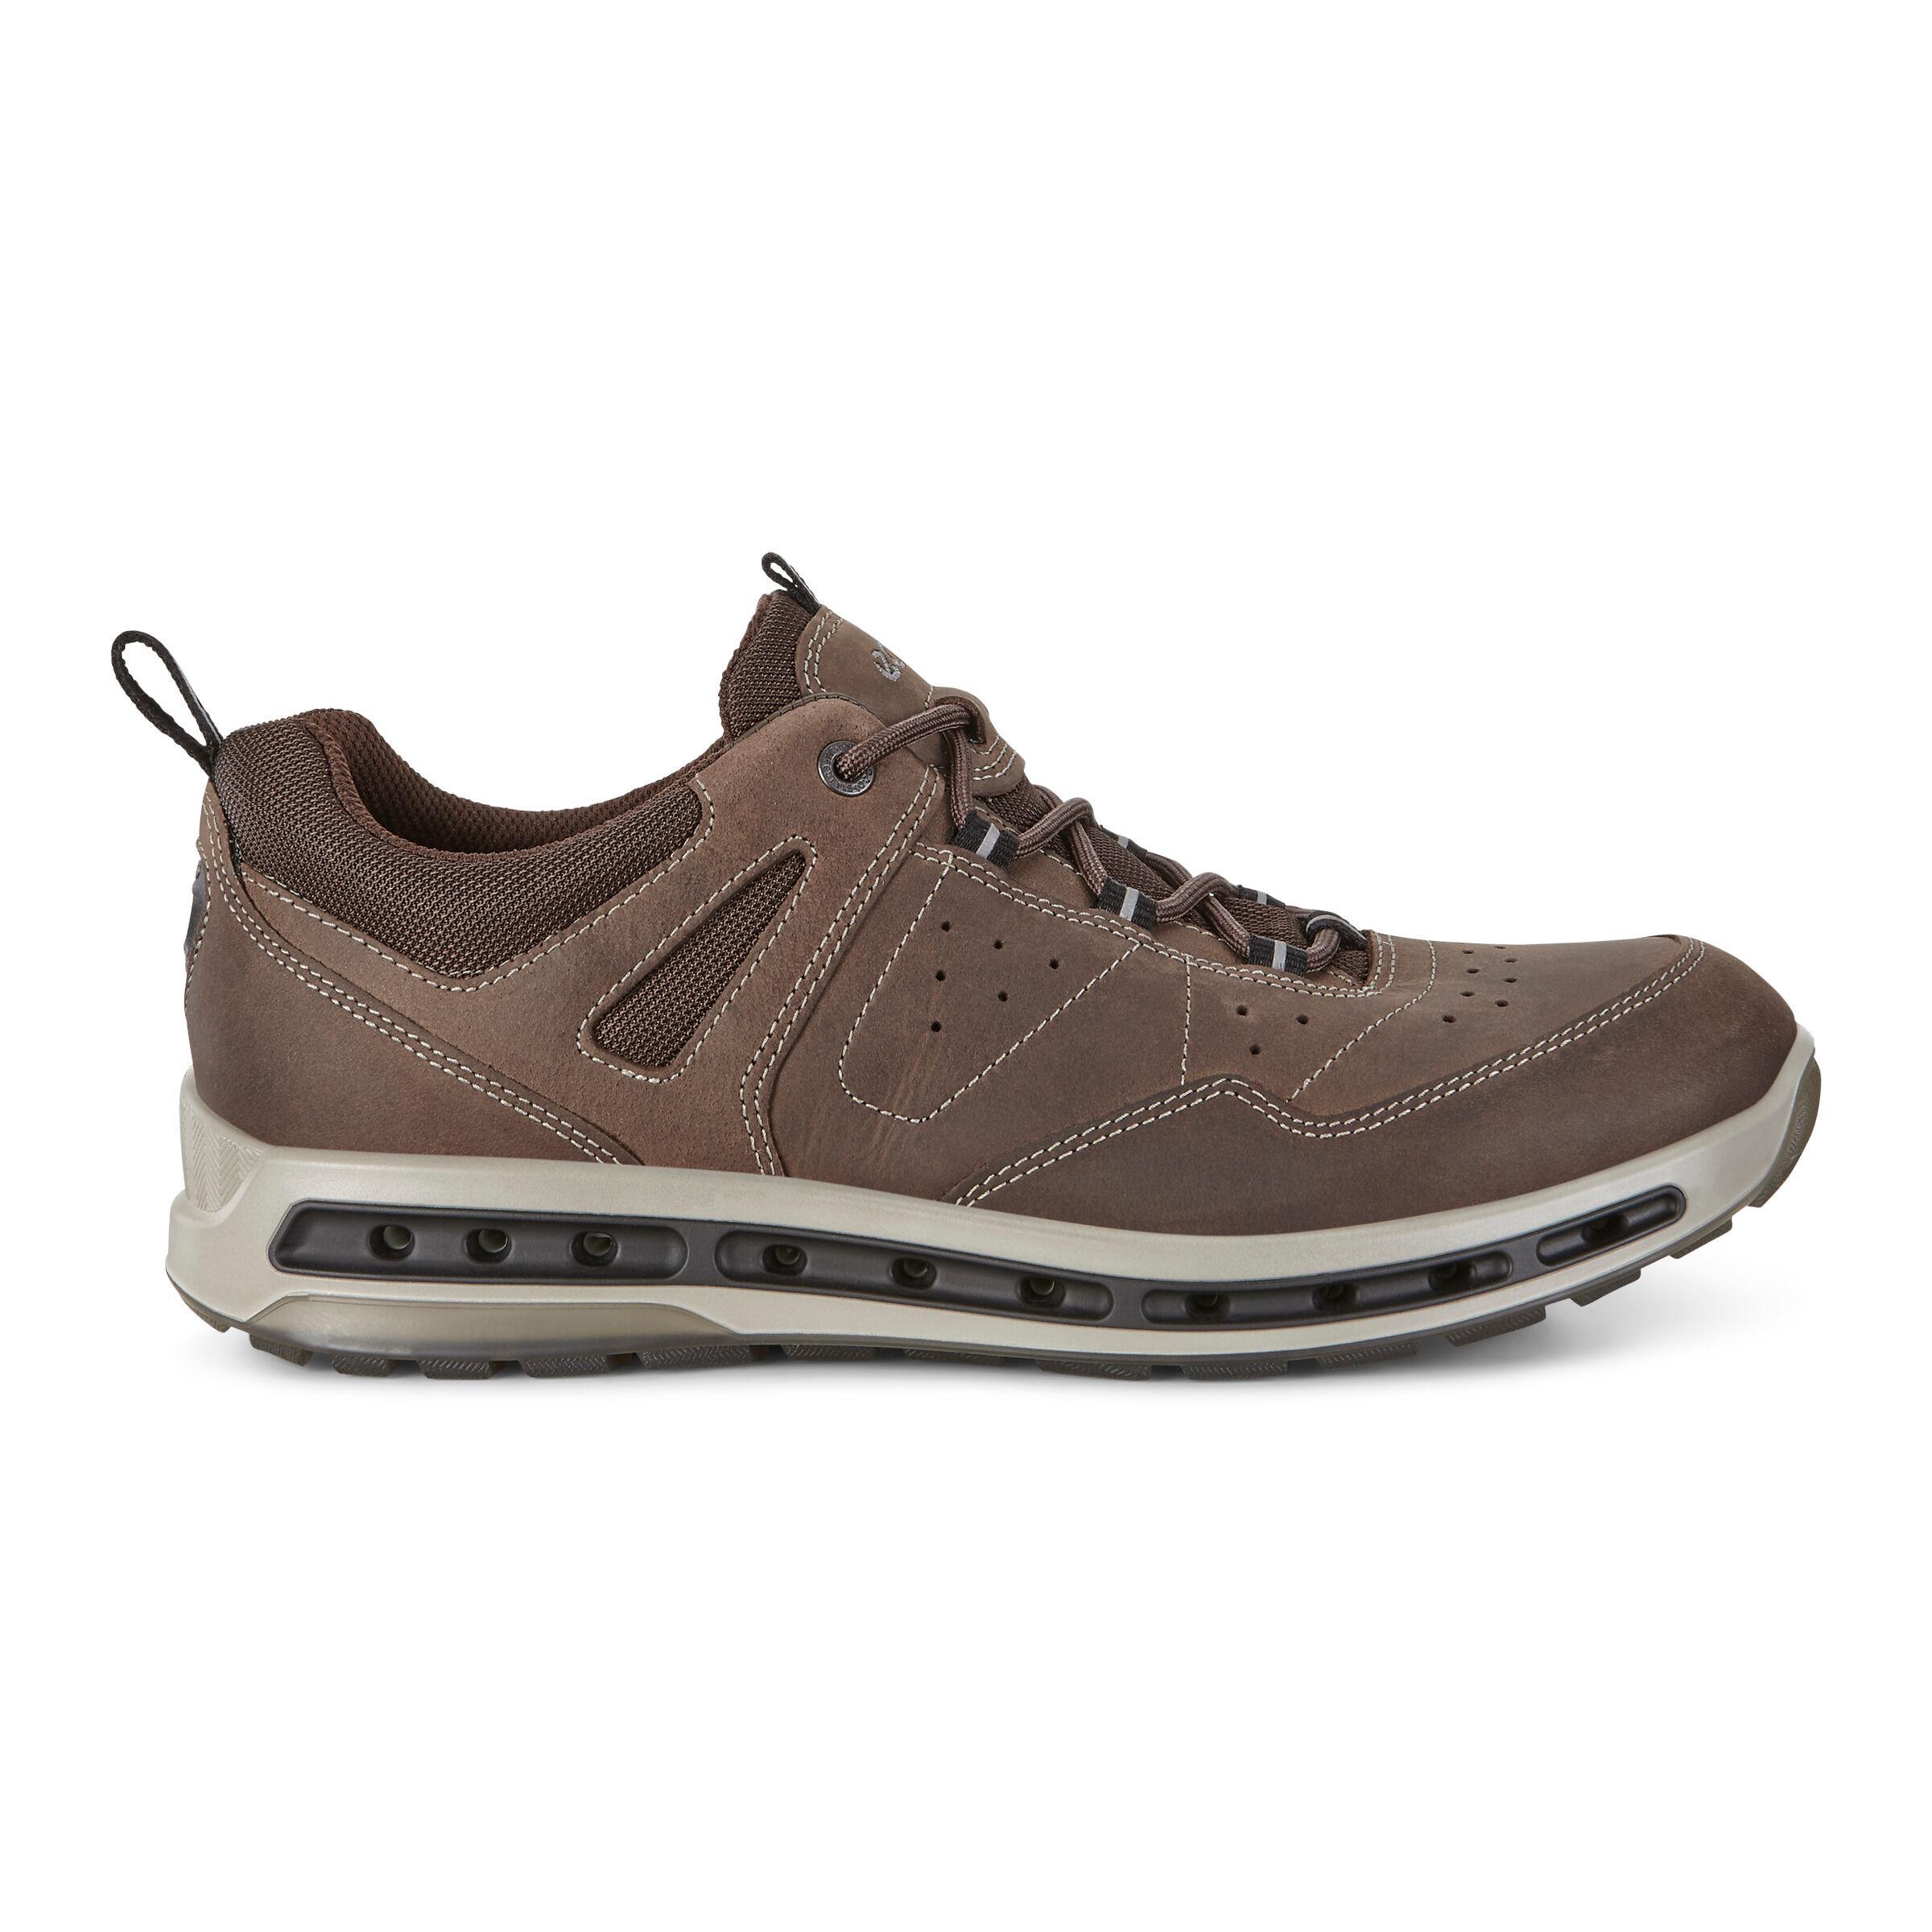 Gtx Hiking Ecco Shoes Cool Ecco® Men's Walk qPSvt